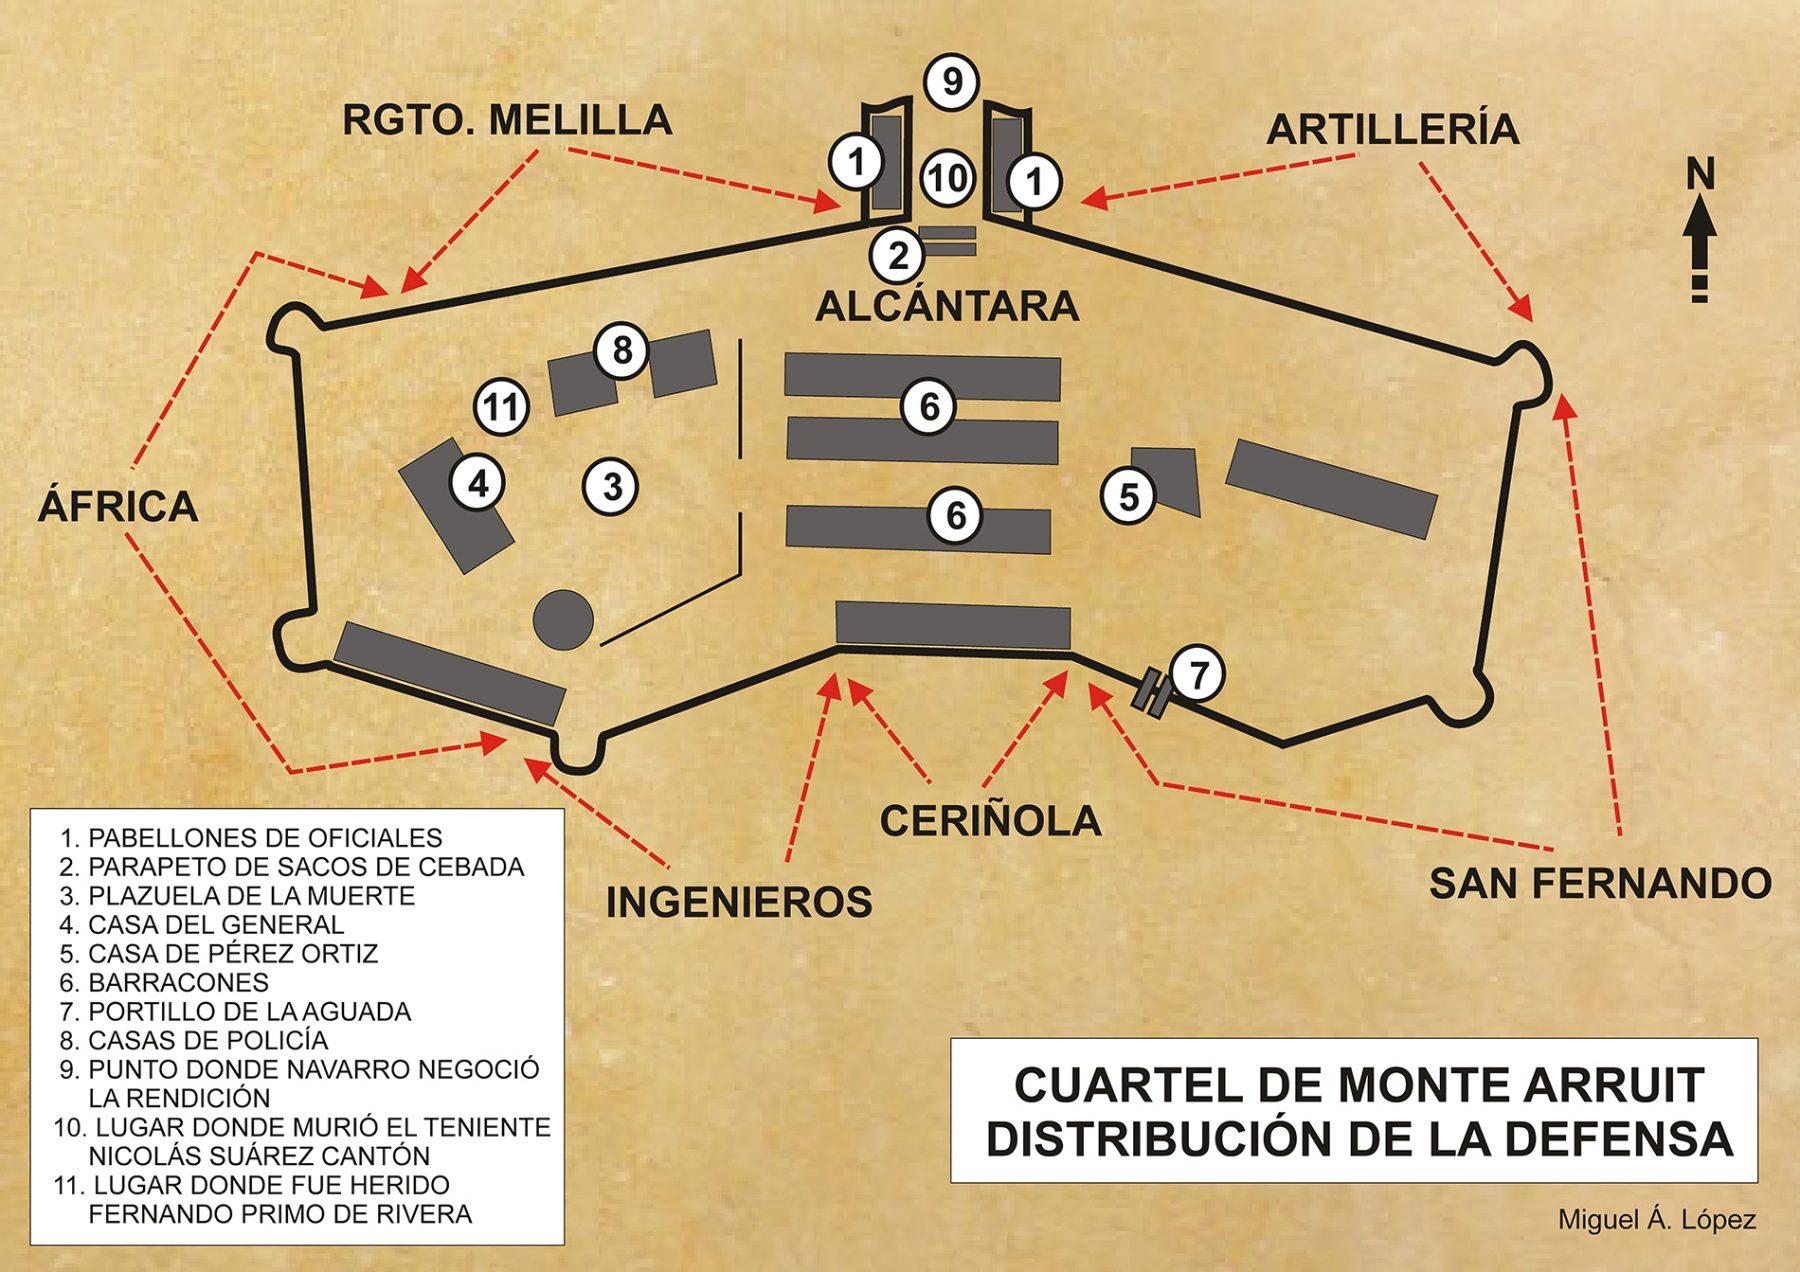 Mapa que muestra la distribución de la defensa en el cuartel de Monte Arruit